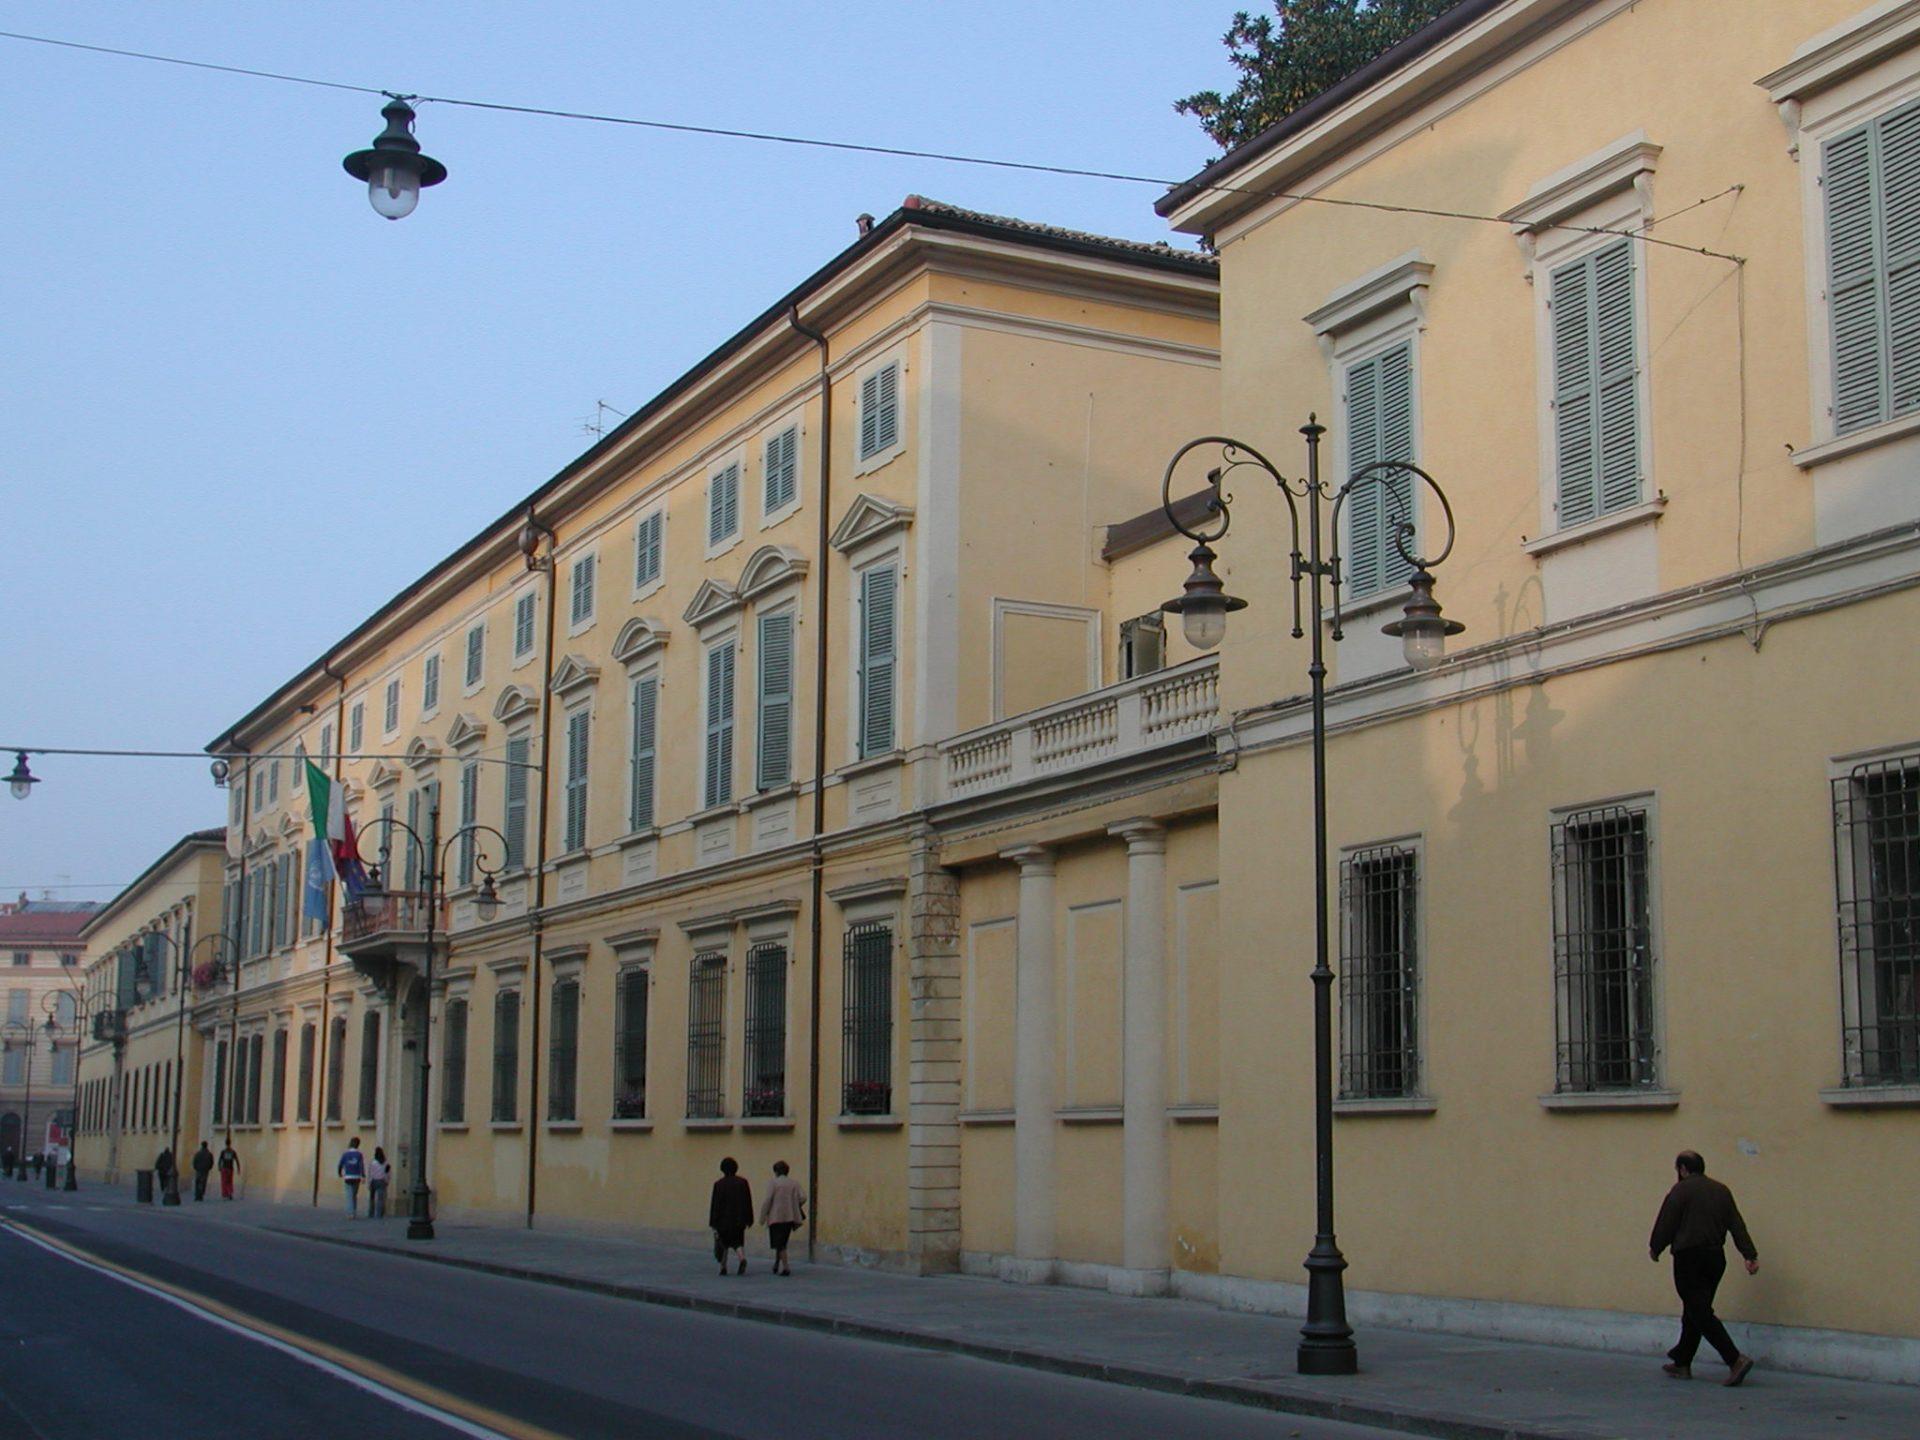 #PalazziDucali. Palazzo Ducale di Reggio Emilia, la sede reggiana del duca Francesco IV